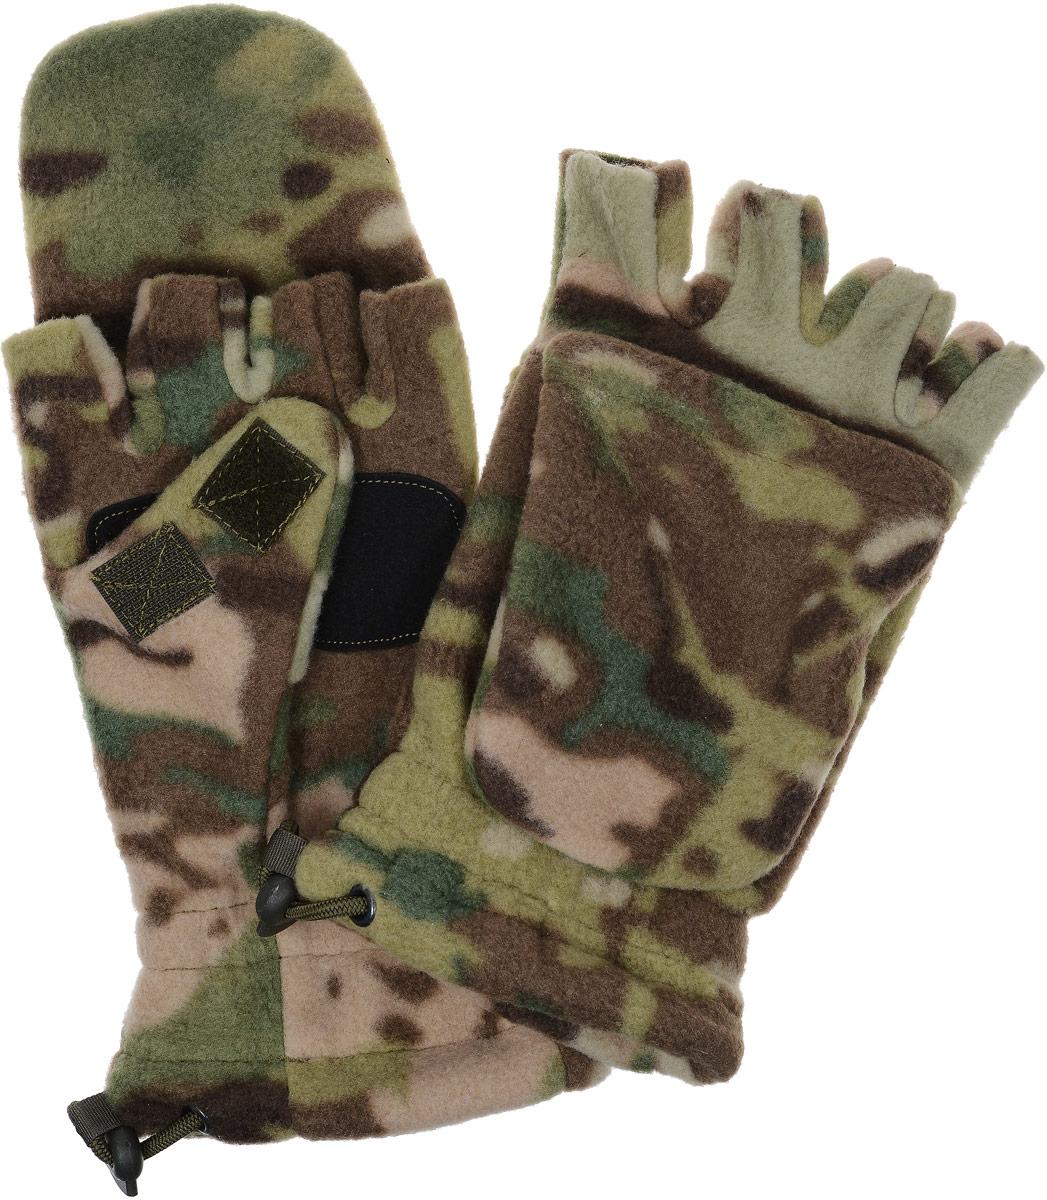 Перчатки спортивные Keotica, цвет: коричневый, зеленый. 1081003. Размер S/M (7,5/8)1081003Перчатки-варежки из флиса с антипиллинговой обработкой. Благодаря этому увеличивается износостойкость материала.